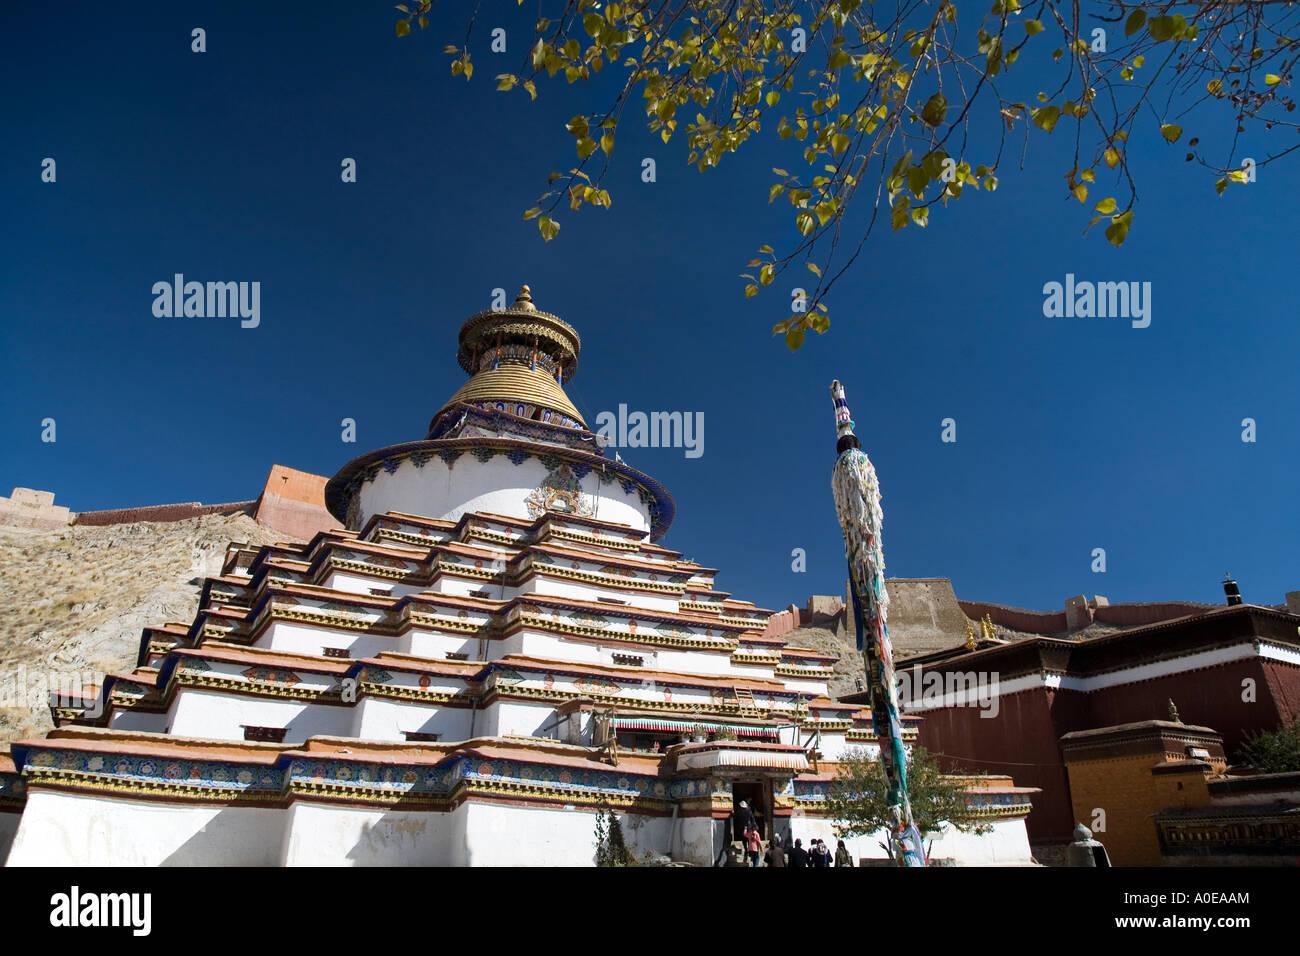 Kumbum Stupa - Gyangtse Tibet 3 - Stock Image